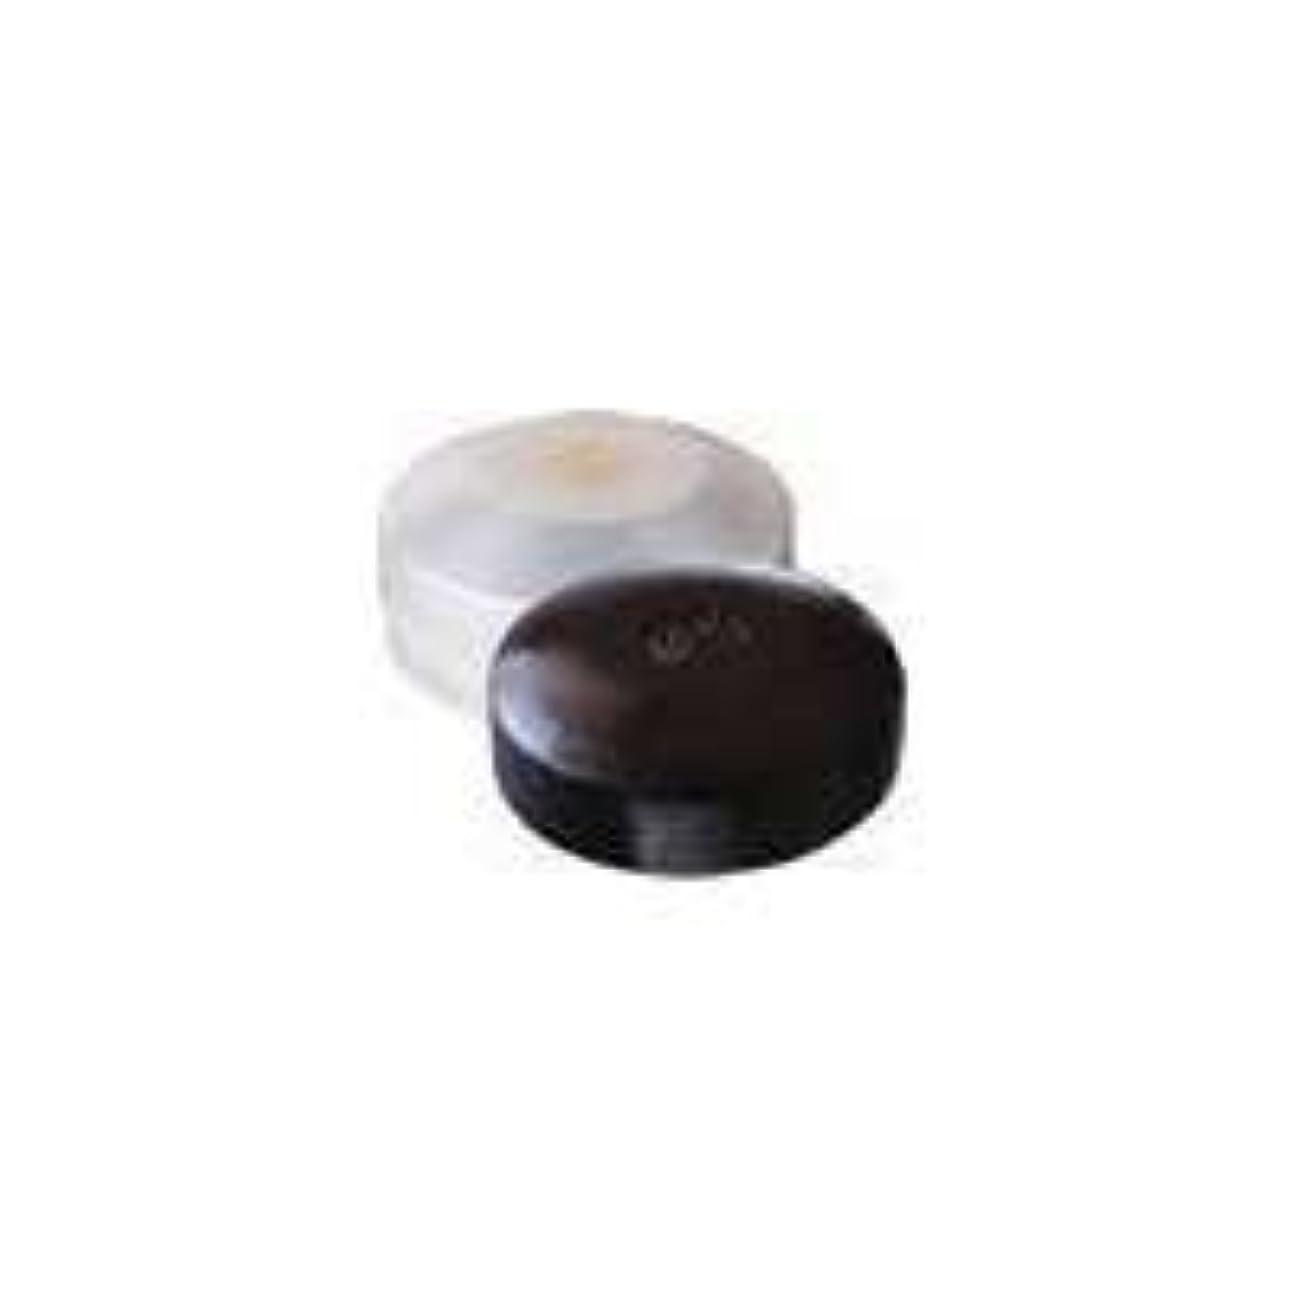 マミヤンアロエ基礎化粧品シリーズ アロエクセルソープ 120g(ケース有) まろやかな泡立ち透明石鹸